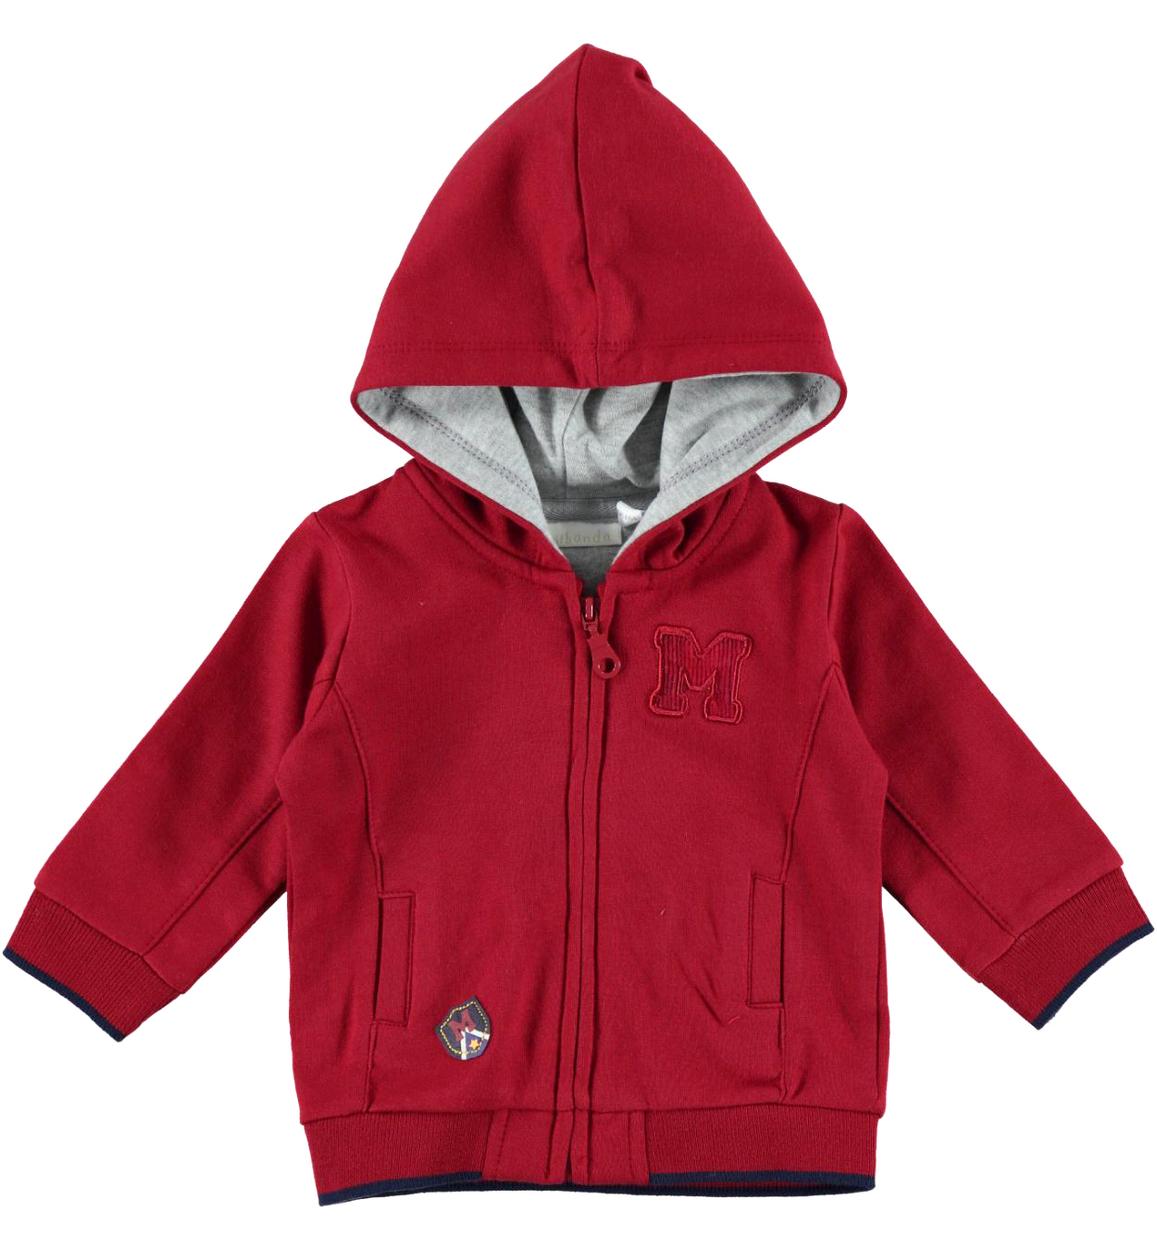 comprare on line 069a1 e951b Felpa neonato con zip e cappuccio foderato vestibilità da 0 a 24 mesi  Minibanda